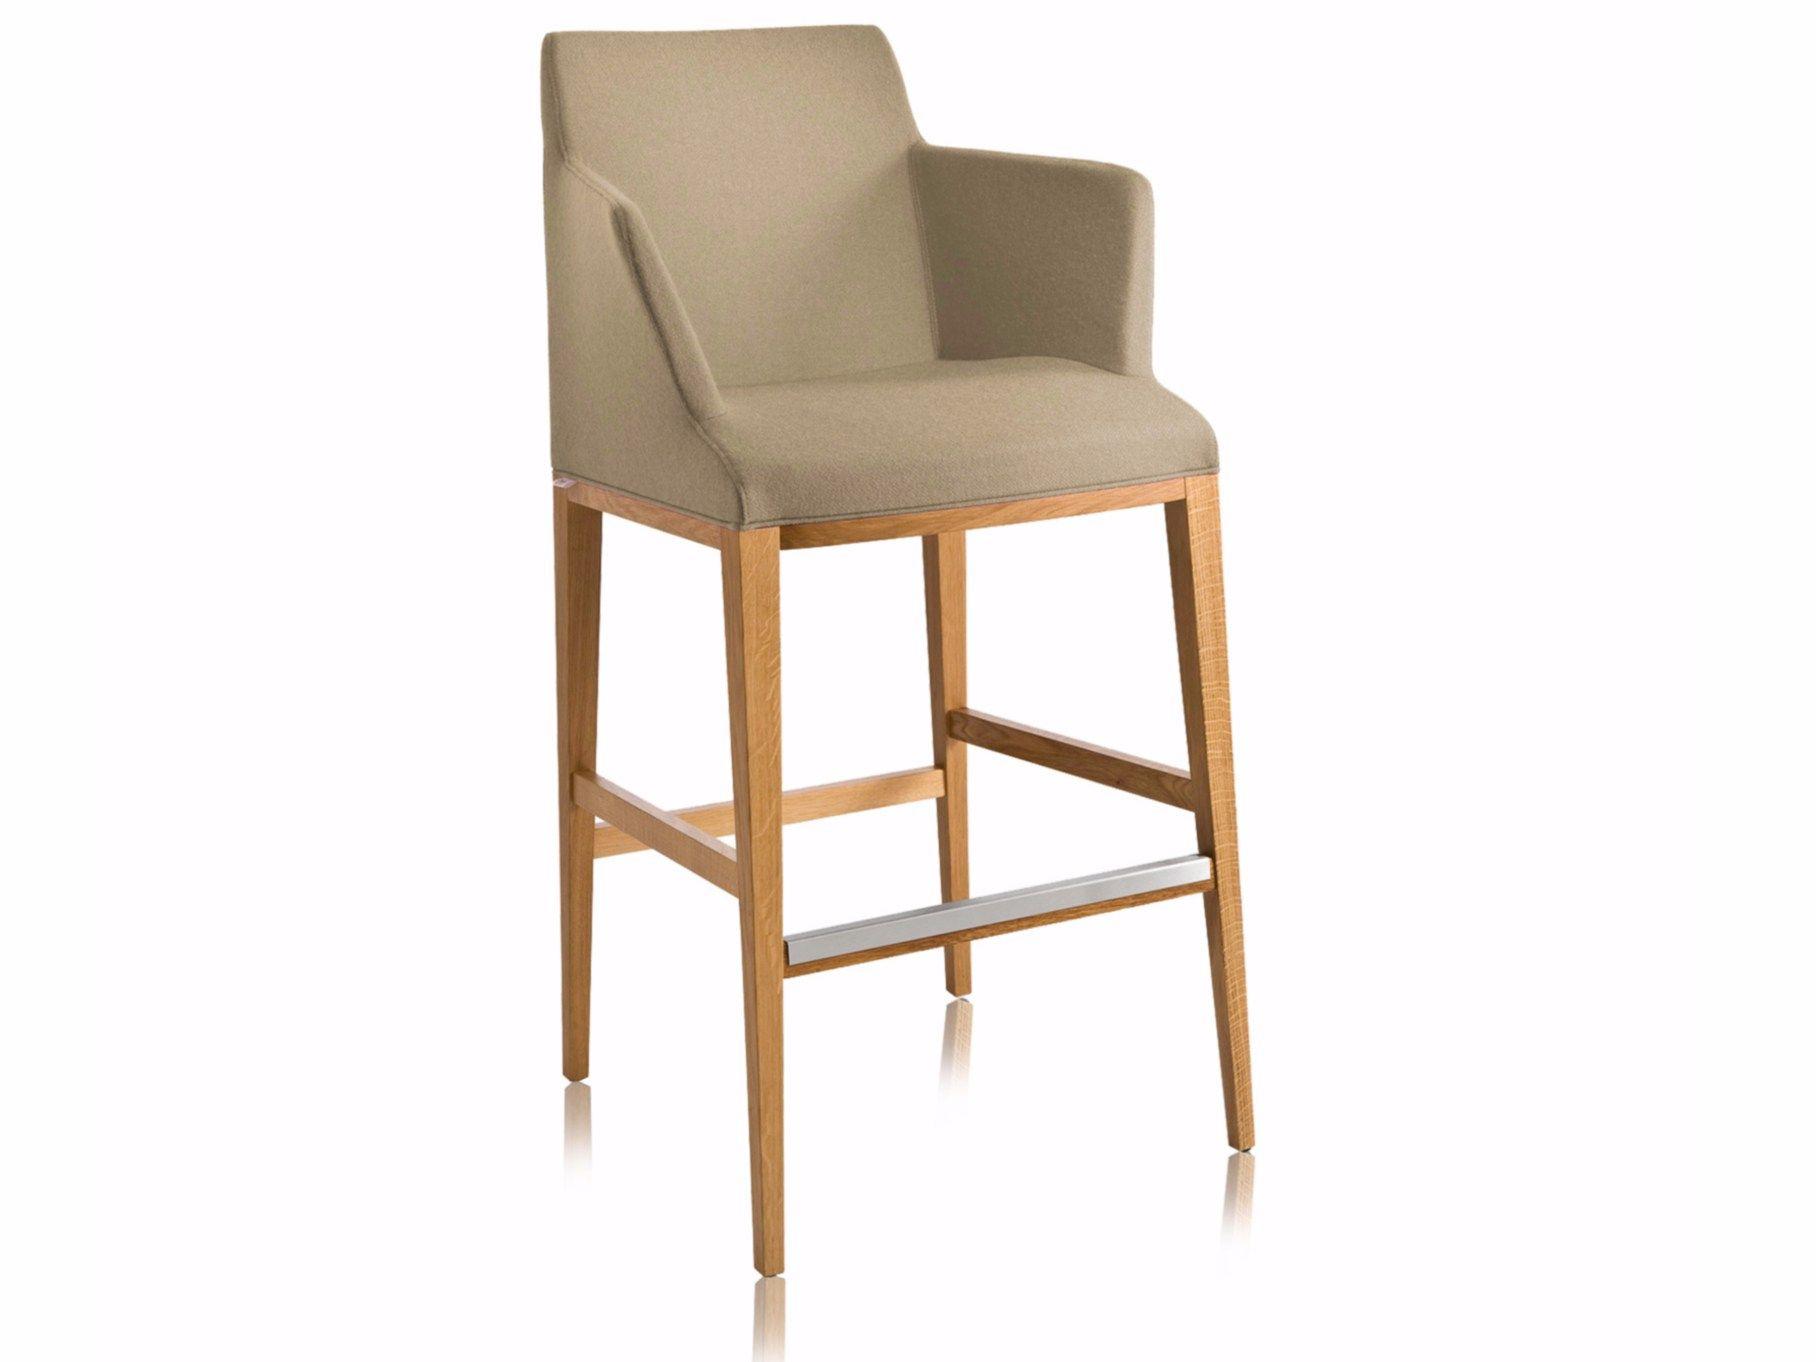 bloom sg-p | chaise de bar by chairs & more design dario delpin - Chaise Bar Avec Accoudoir